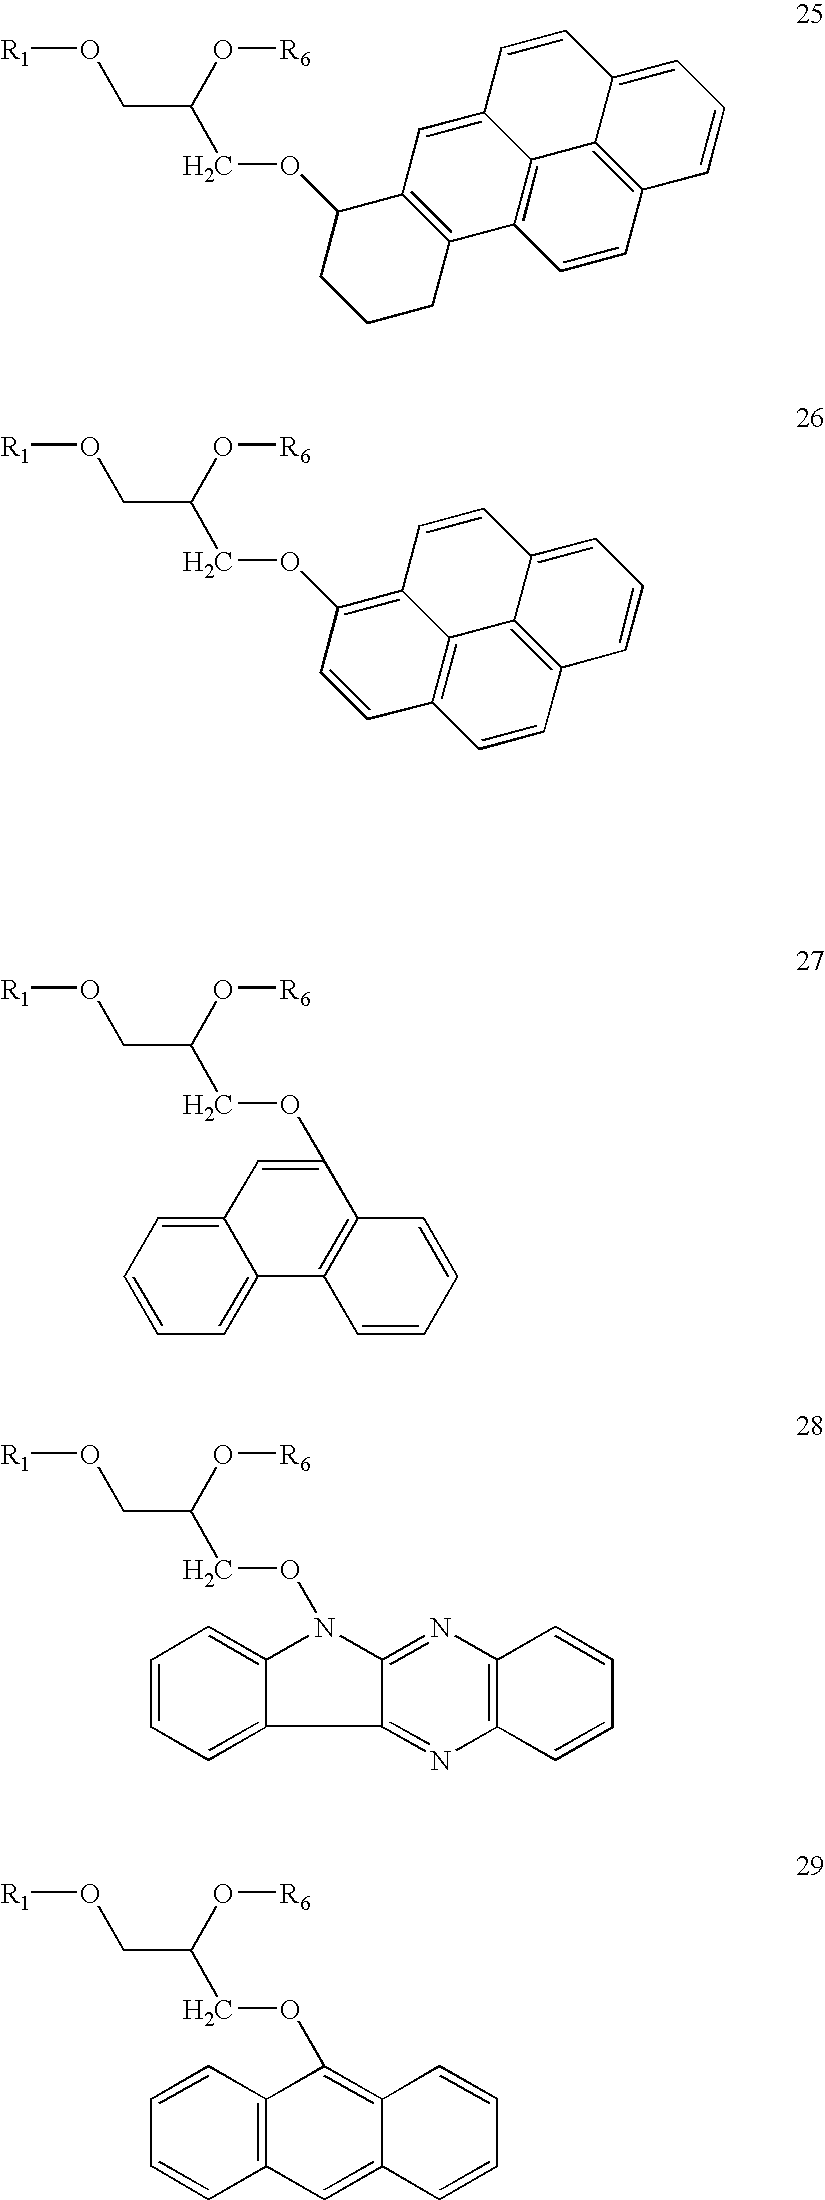 Figure US20060014144A1-20060119-C00092